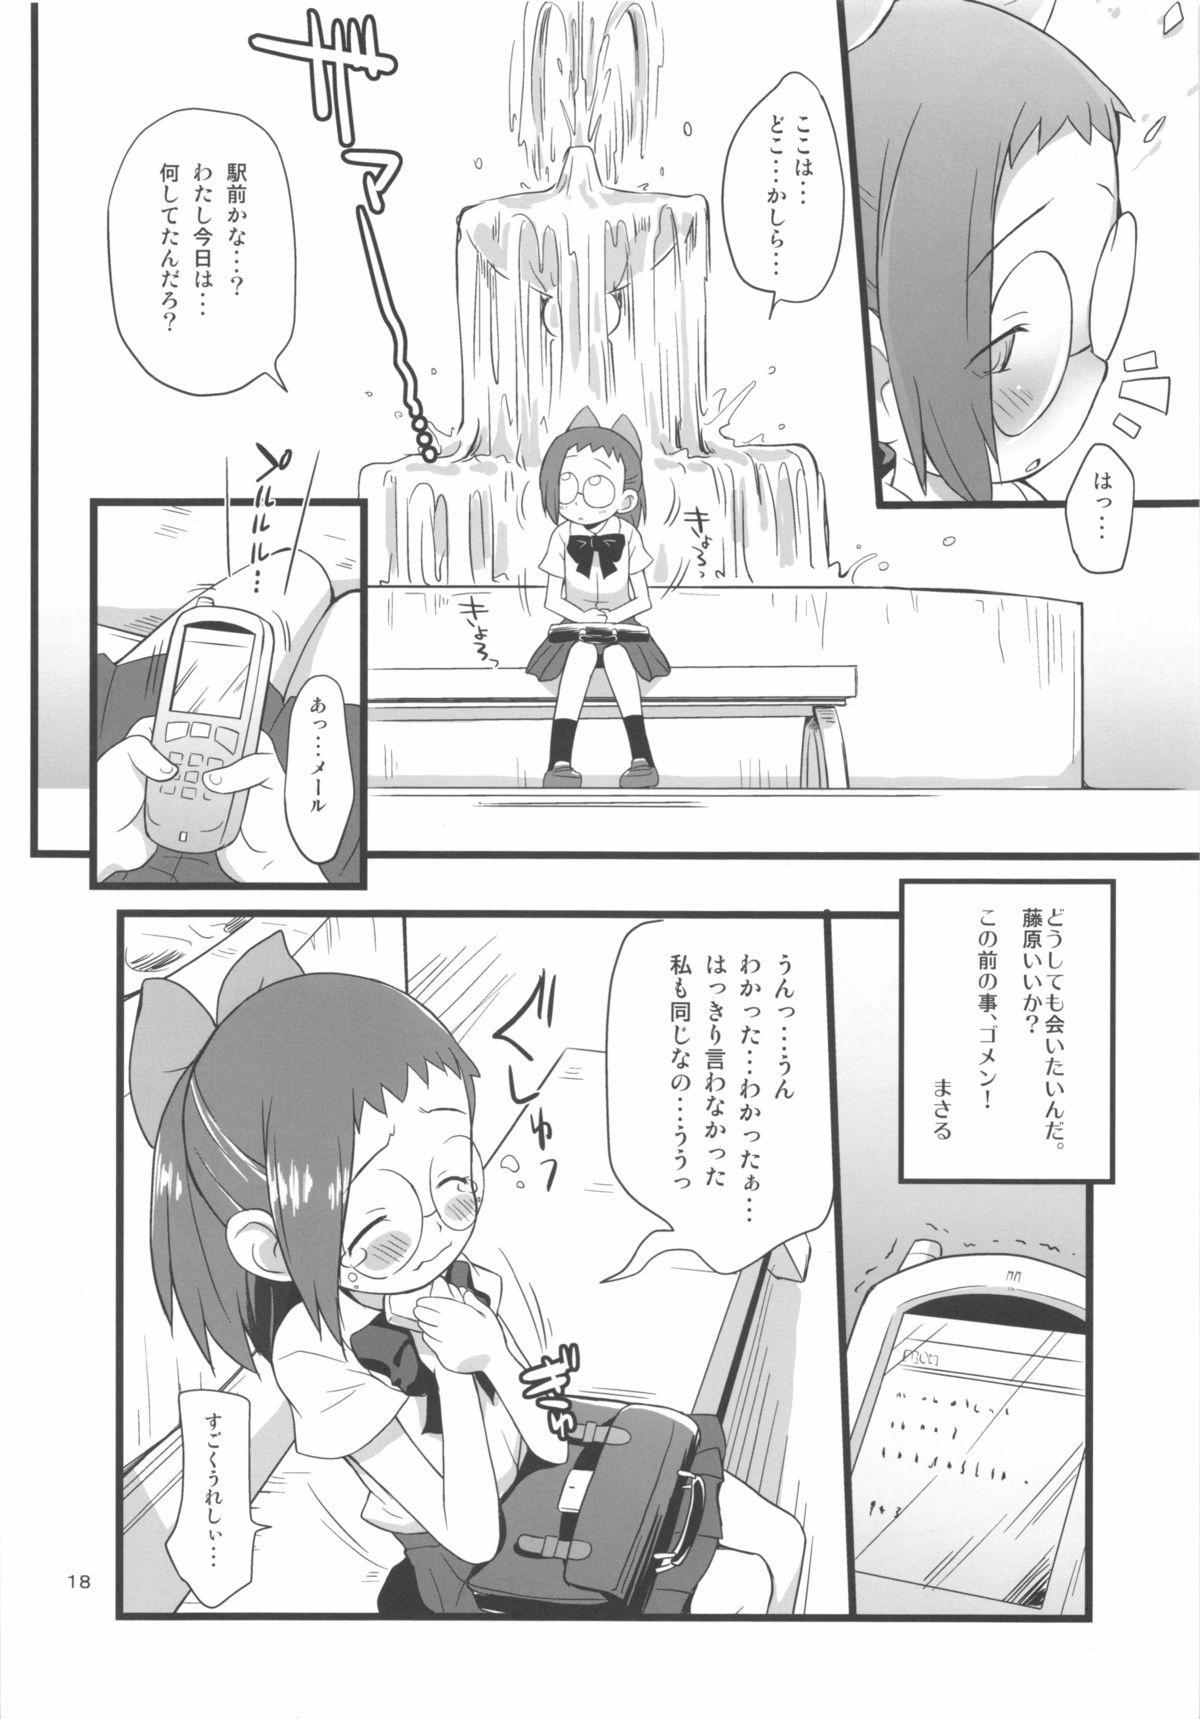 Watashi no Jikan Yuugure 17